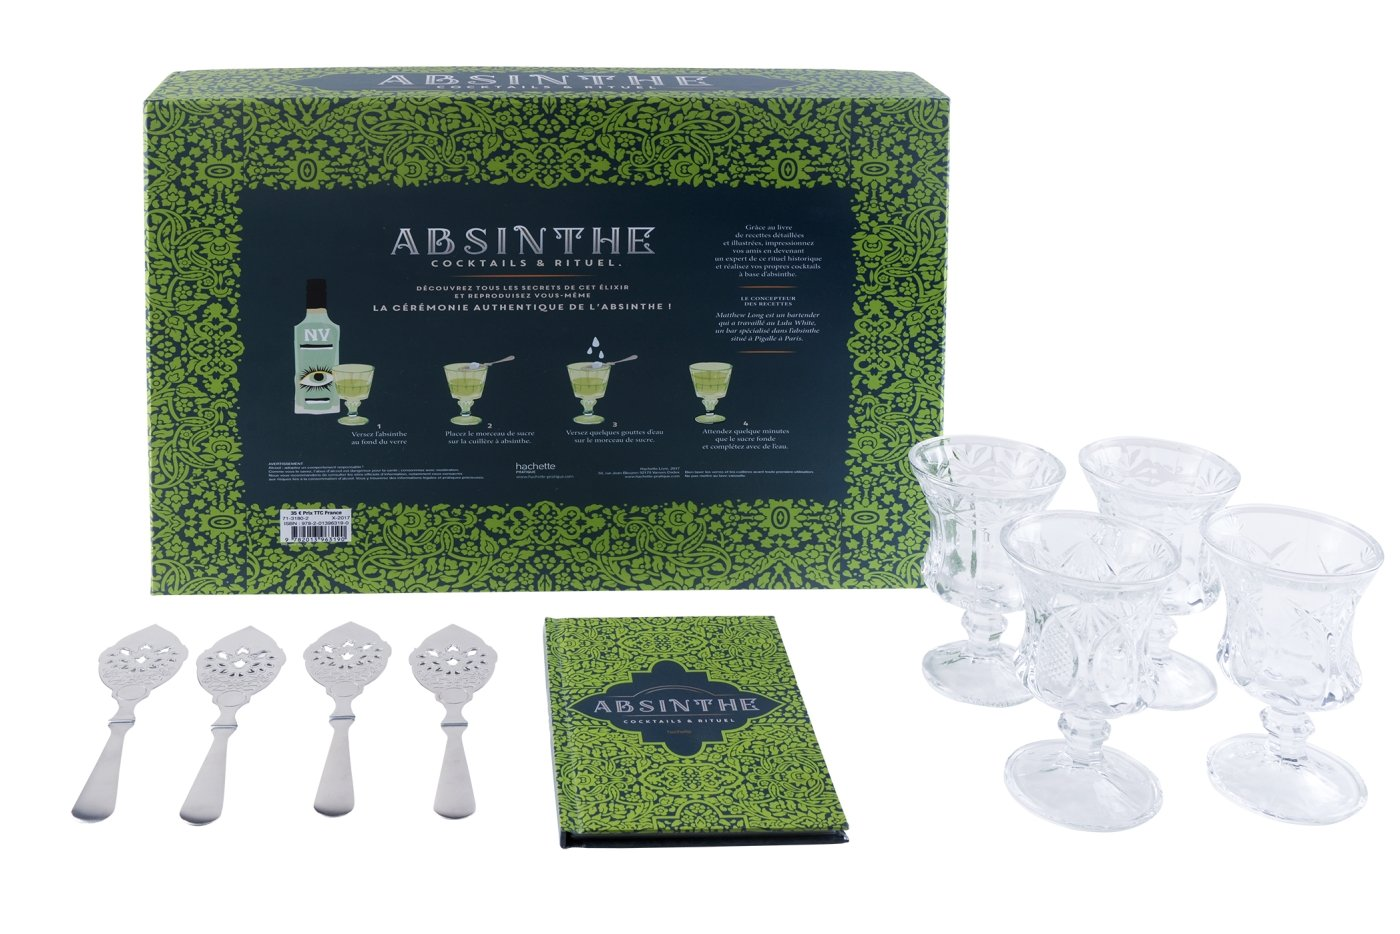 Coffret Absinthe: Cocktails & rituels Broché – 25 octobre 2017 Matthew Long Hachette Pratique 201396319X Alcools